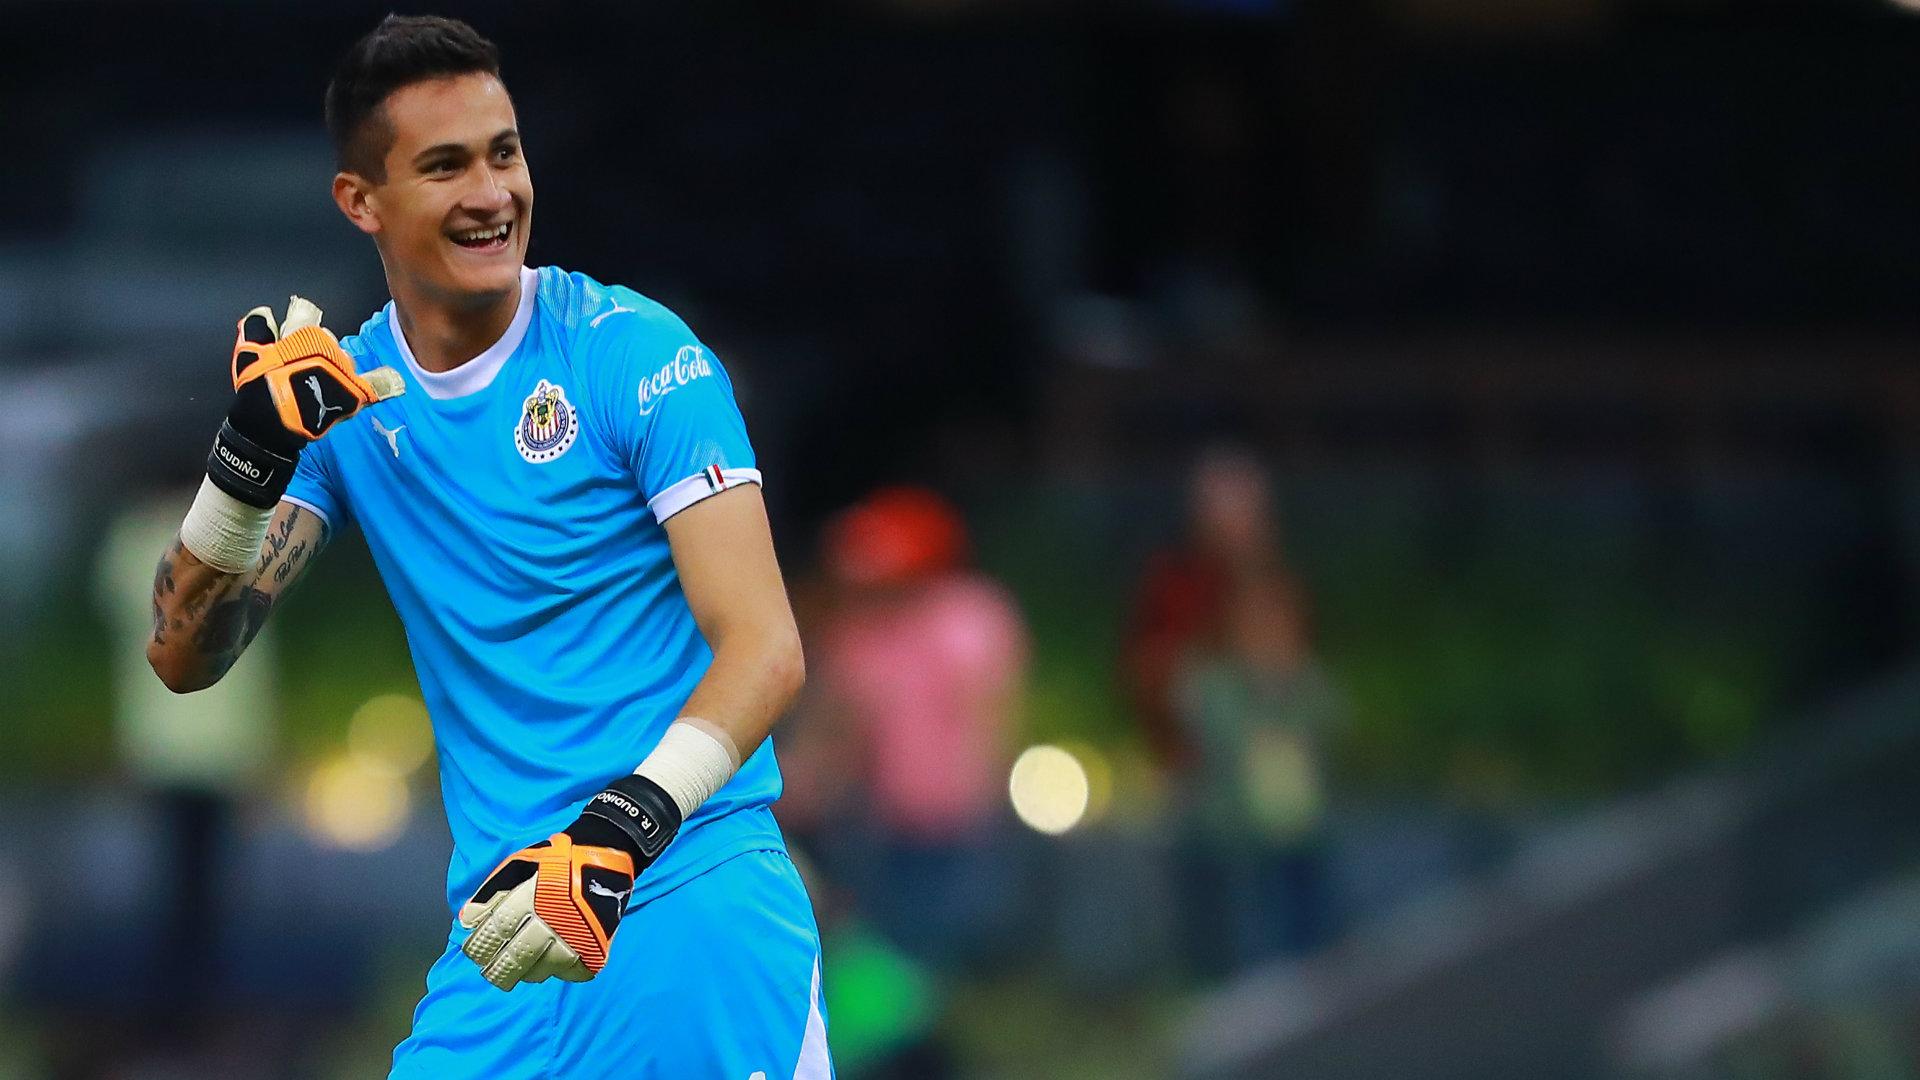 Quién es Raúl Gudiño, el héroe de Chivas en el Clásico?   Goal.com